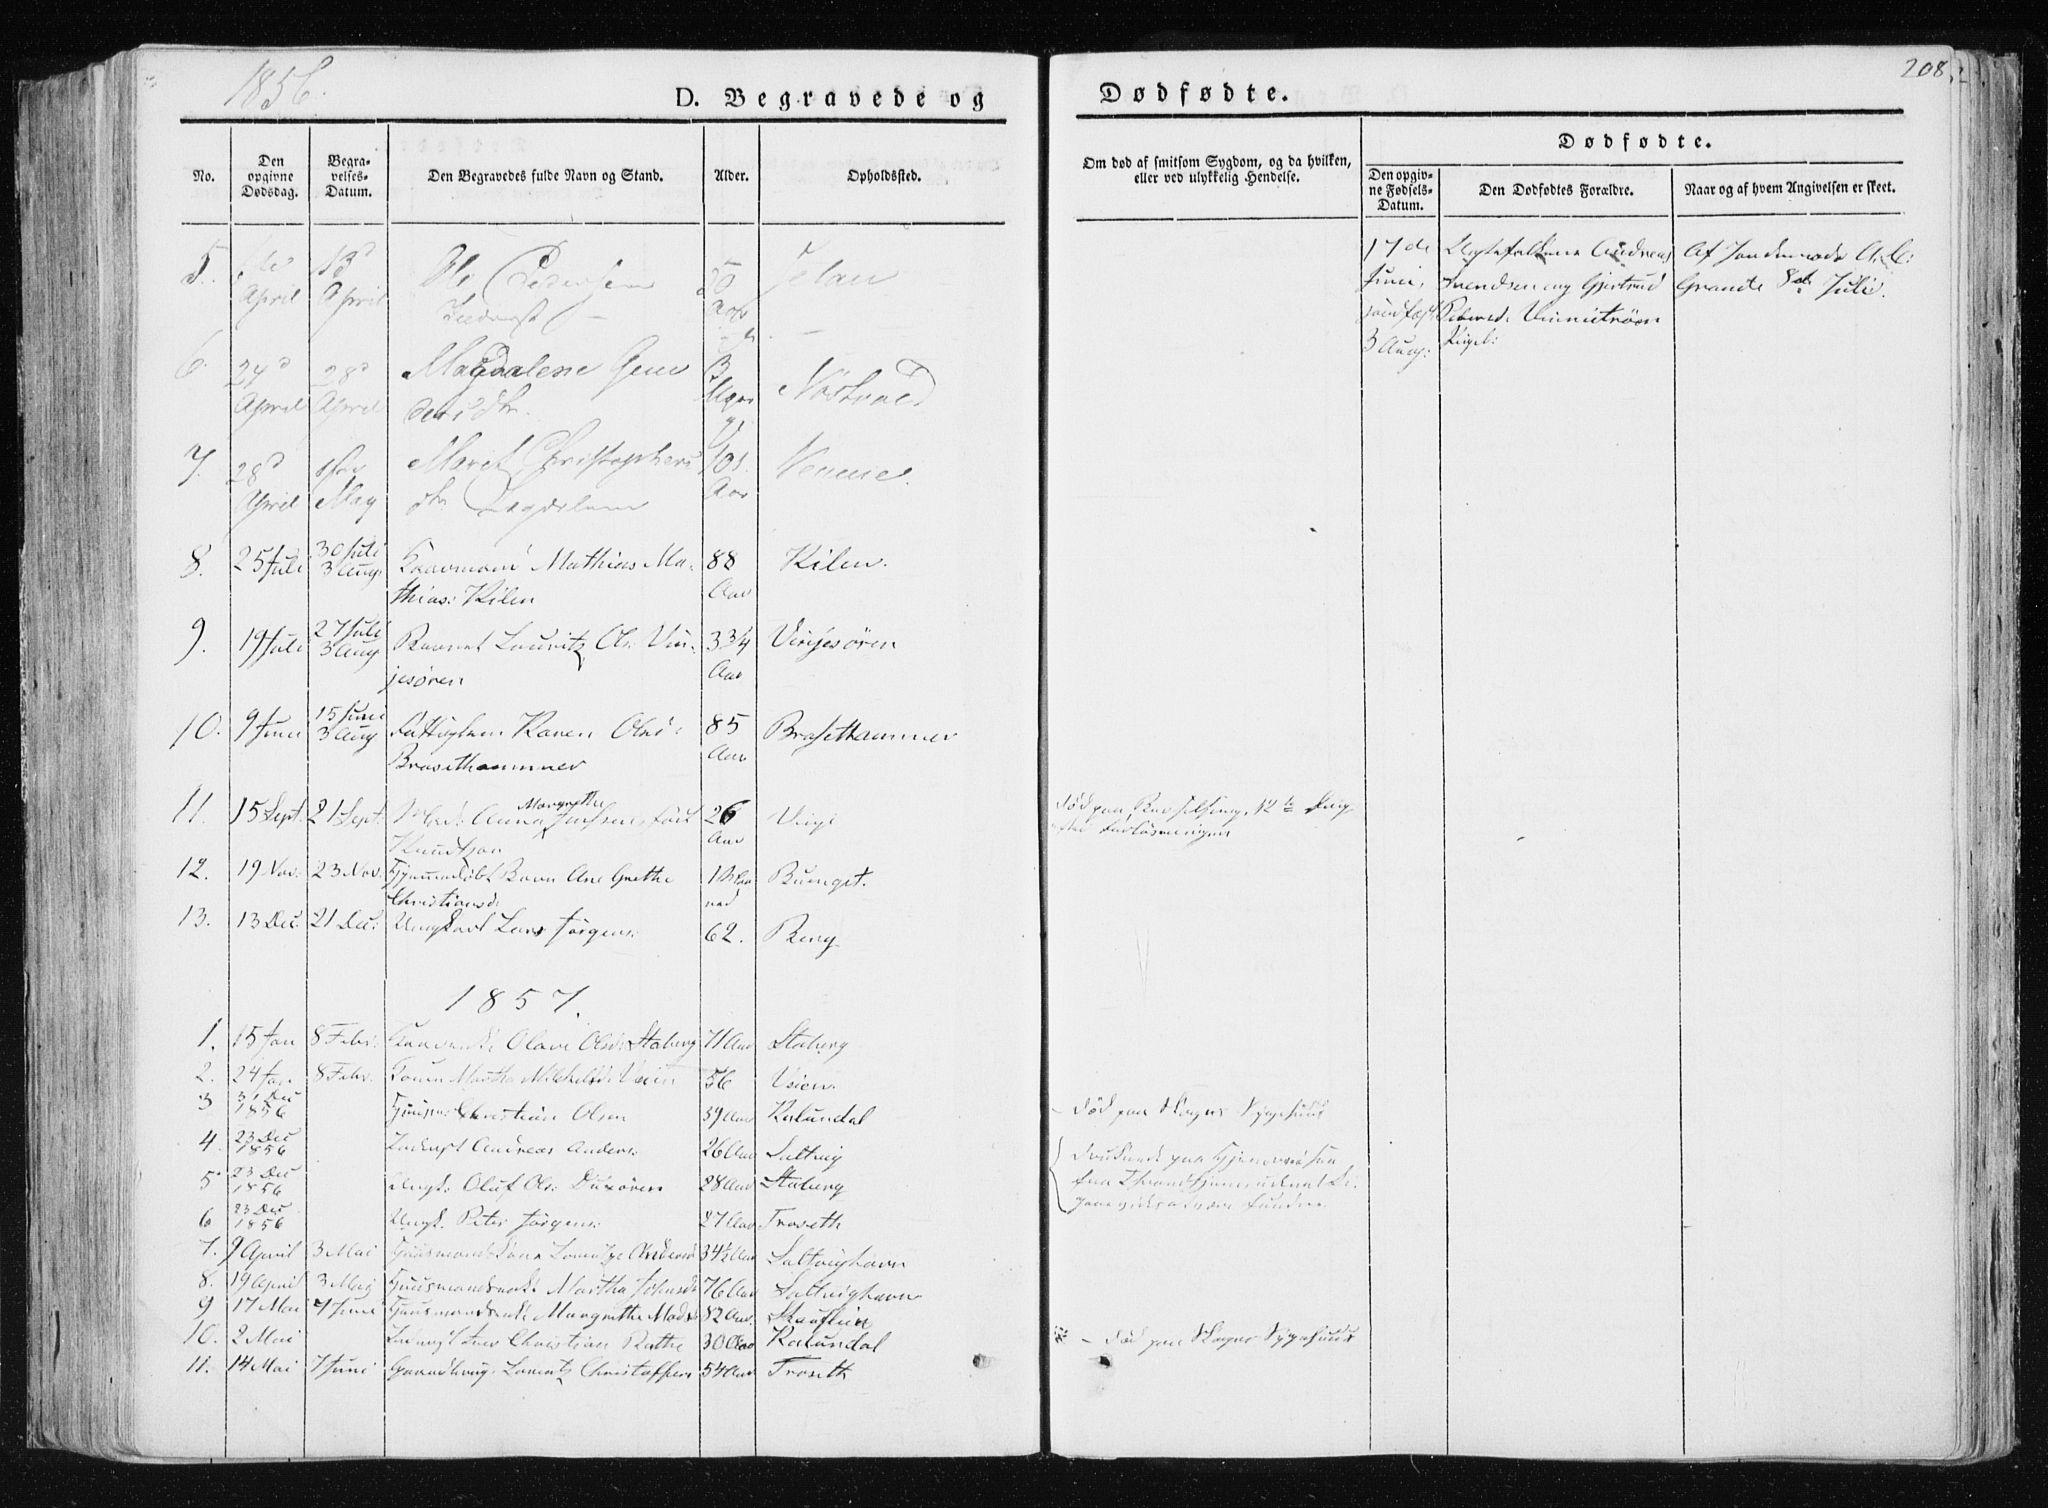 SAT, Ministerialprotokoller, klokkerbøker og fødselsregistre - Nord-Trøndelag, 733/L0323: Ministerialbok nr. 733A02, 1843-1870, s. 208